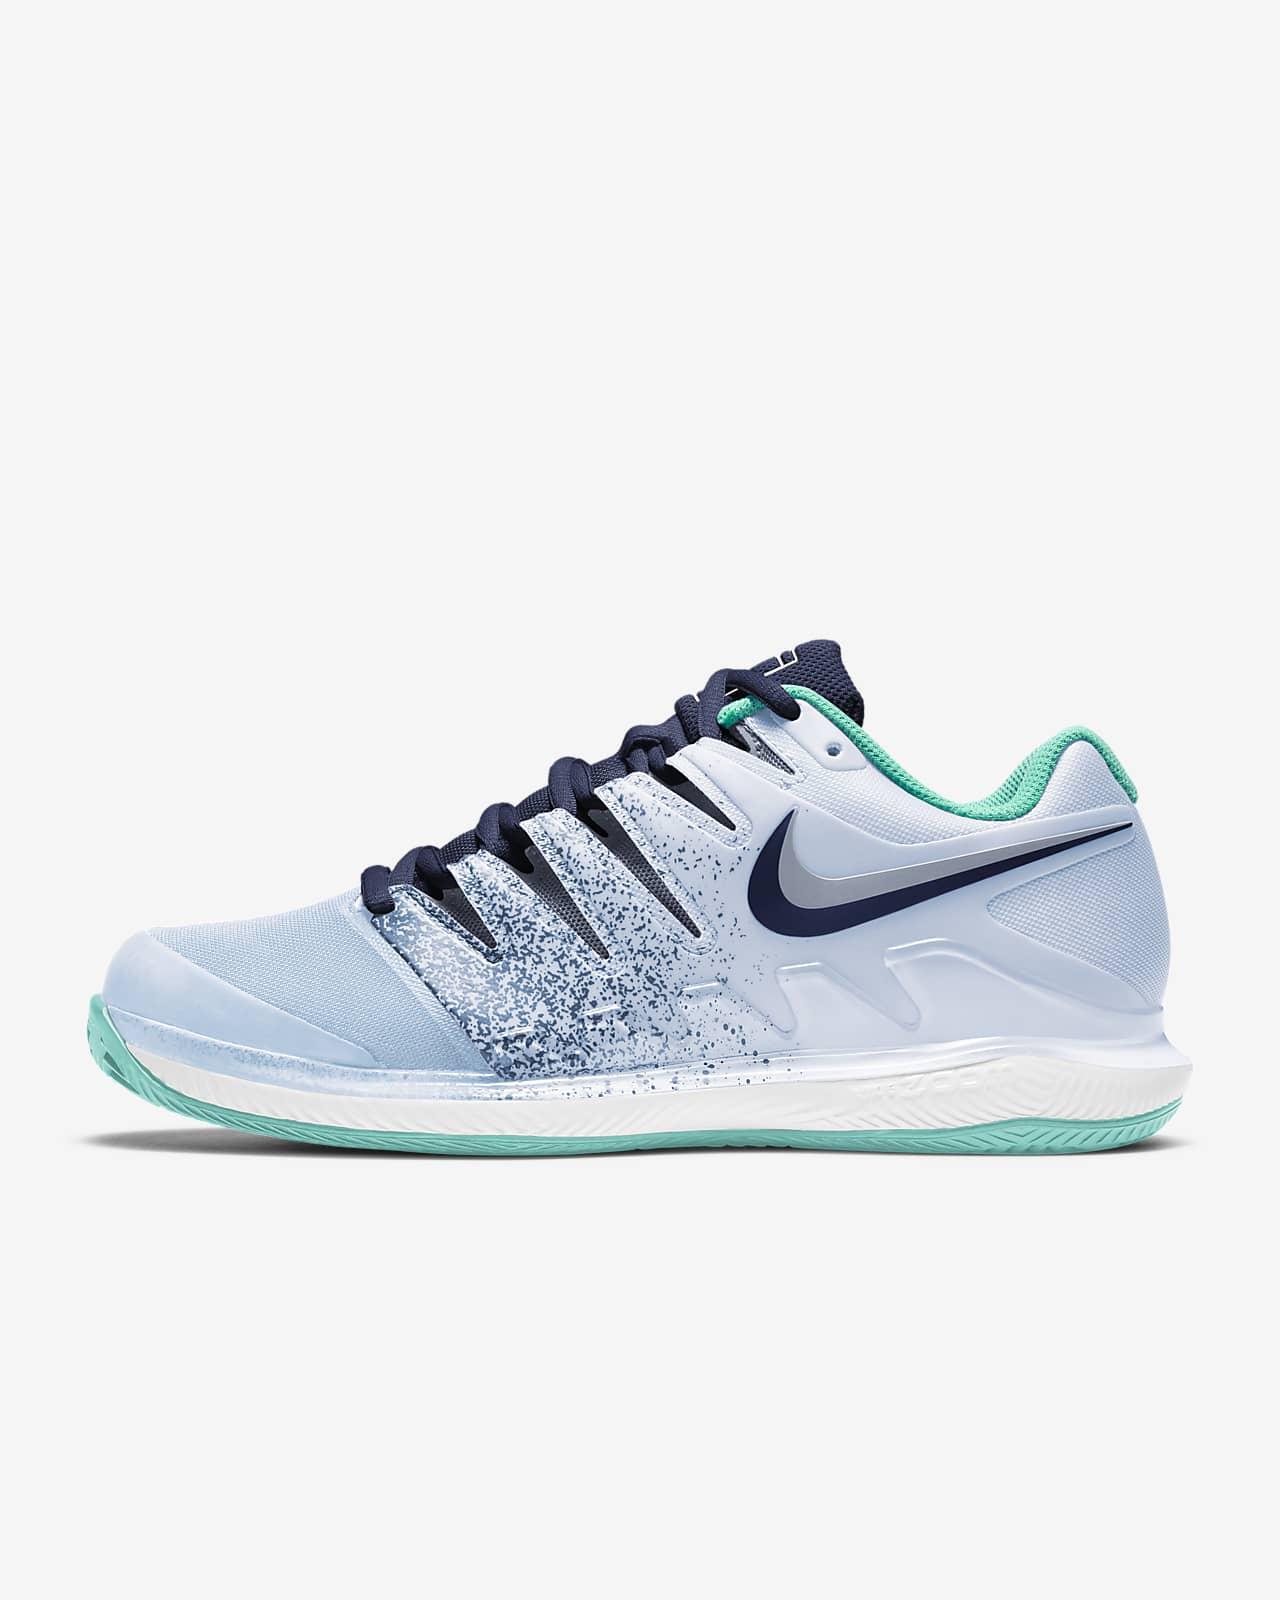 Chaussure de tennis pour terre battue NikeCourt Air Zoom Vapor X pour Femme